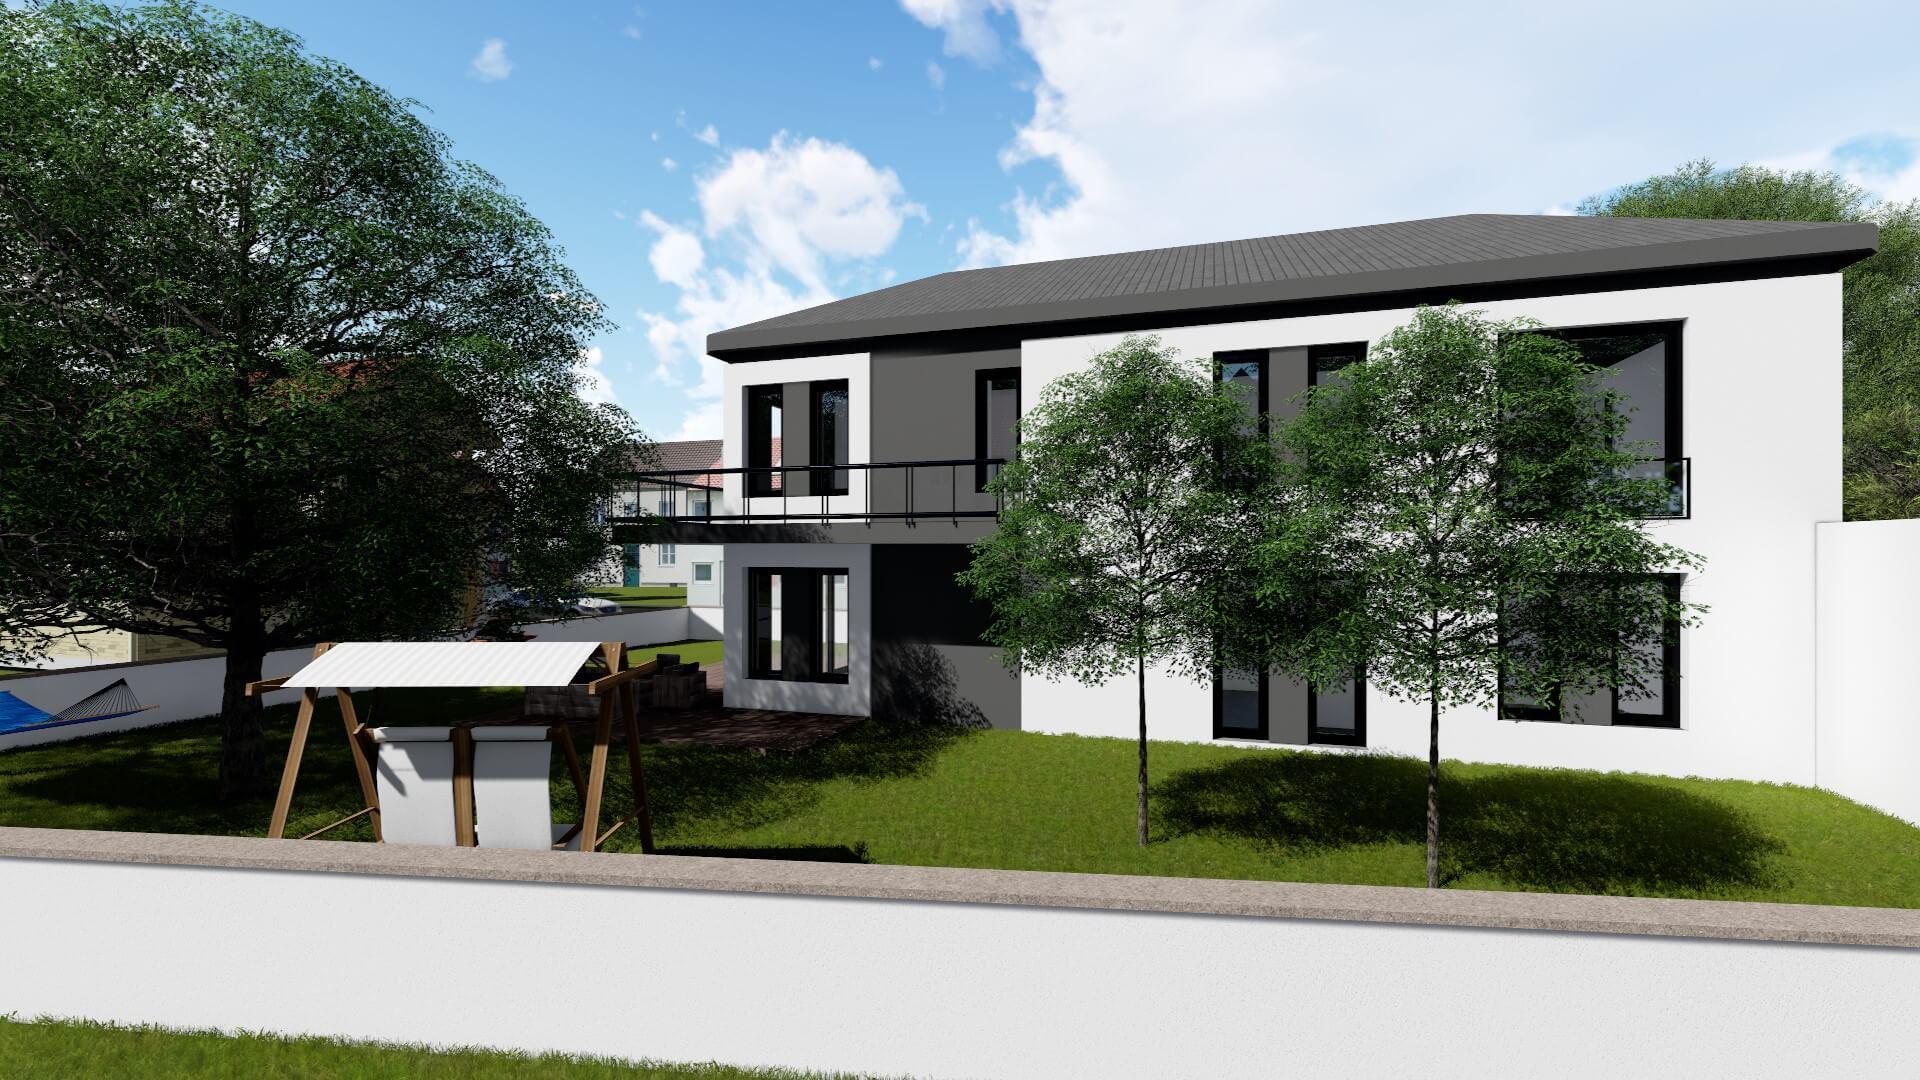 Röder Architekten   Neubau Haus H2014 – 2015Friedrichsdorf